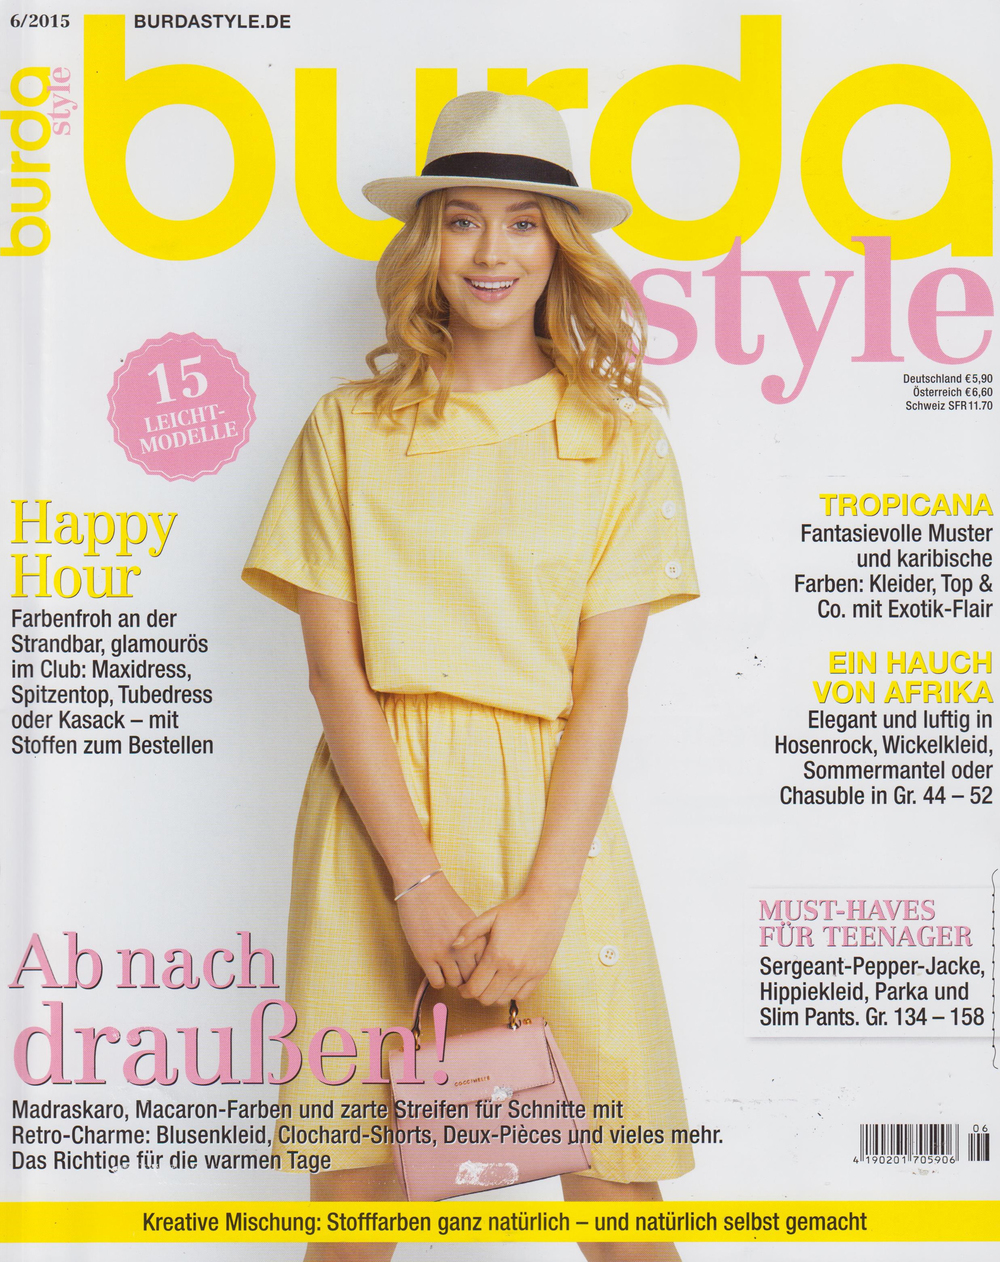 Burda Style_Nr.6_15.5.2015_Cover.jpg